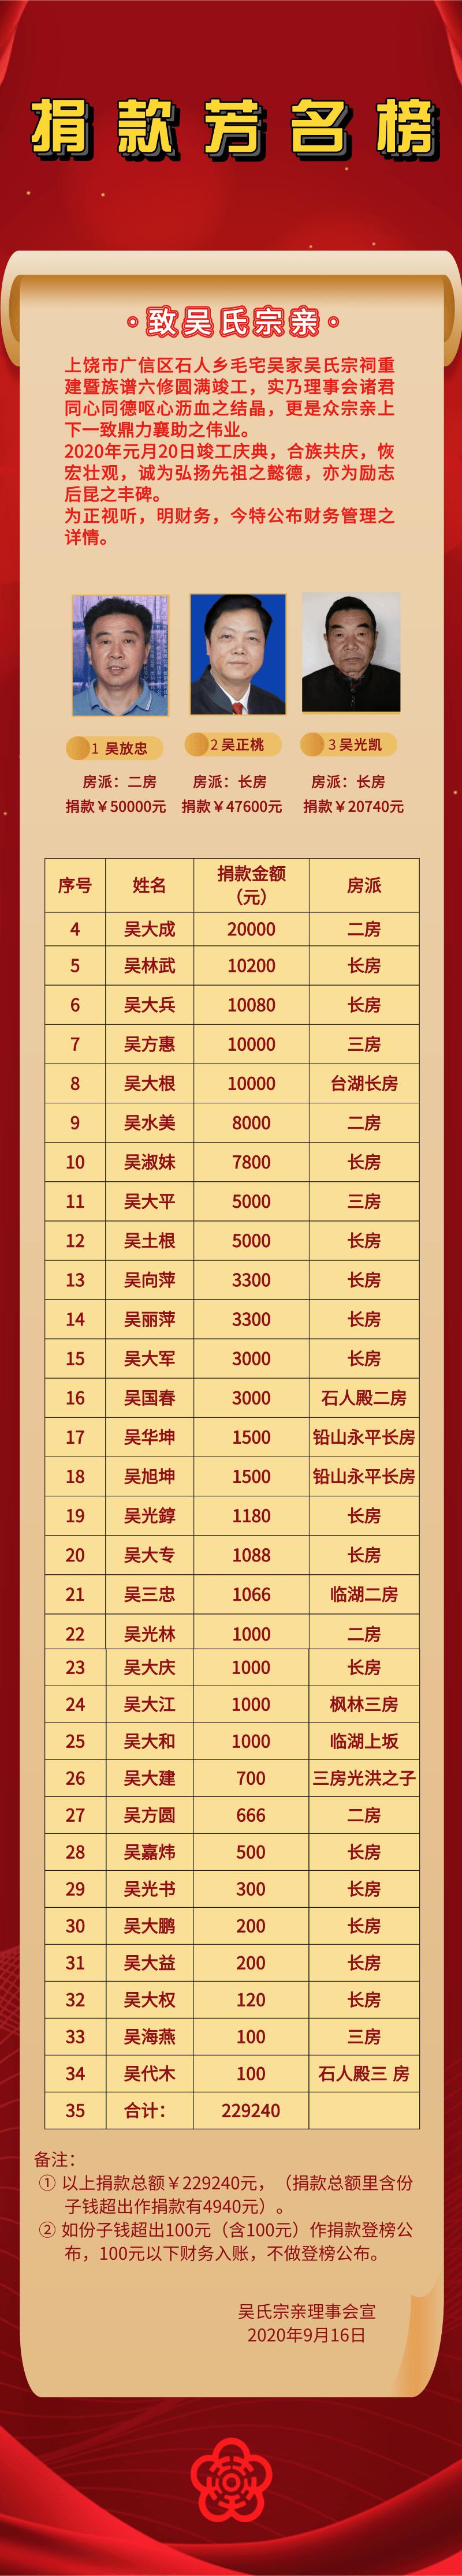 红金员工荣誉榜营销长图@凡科快图 (5).png